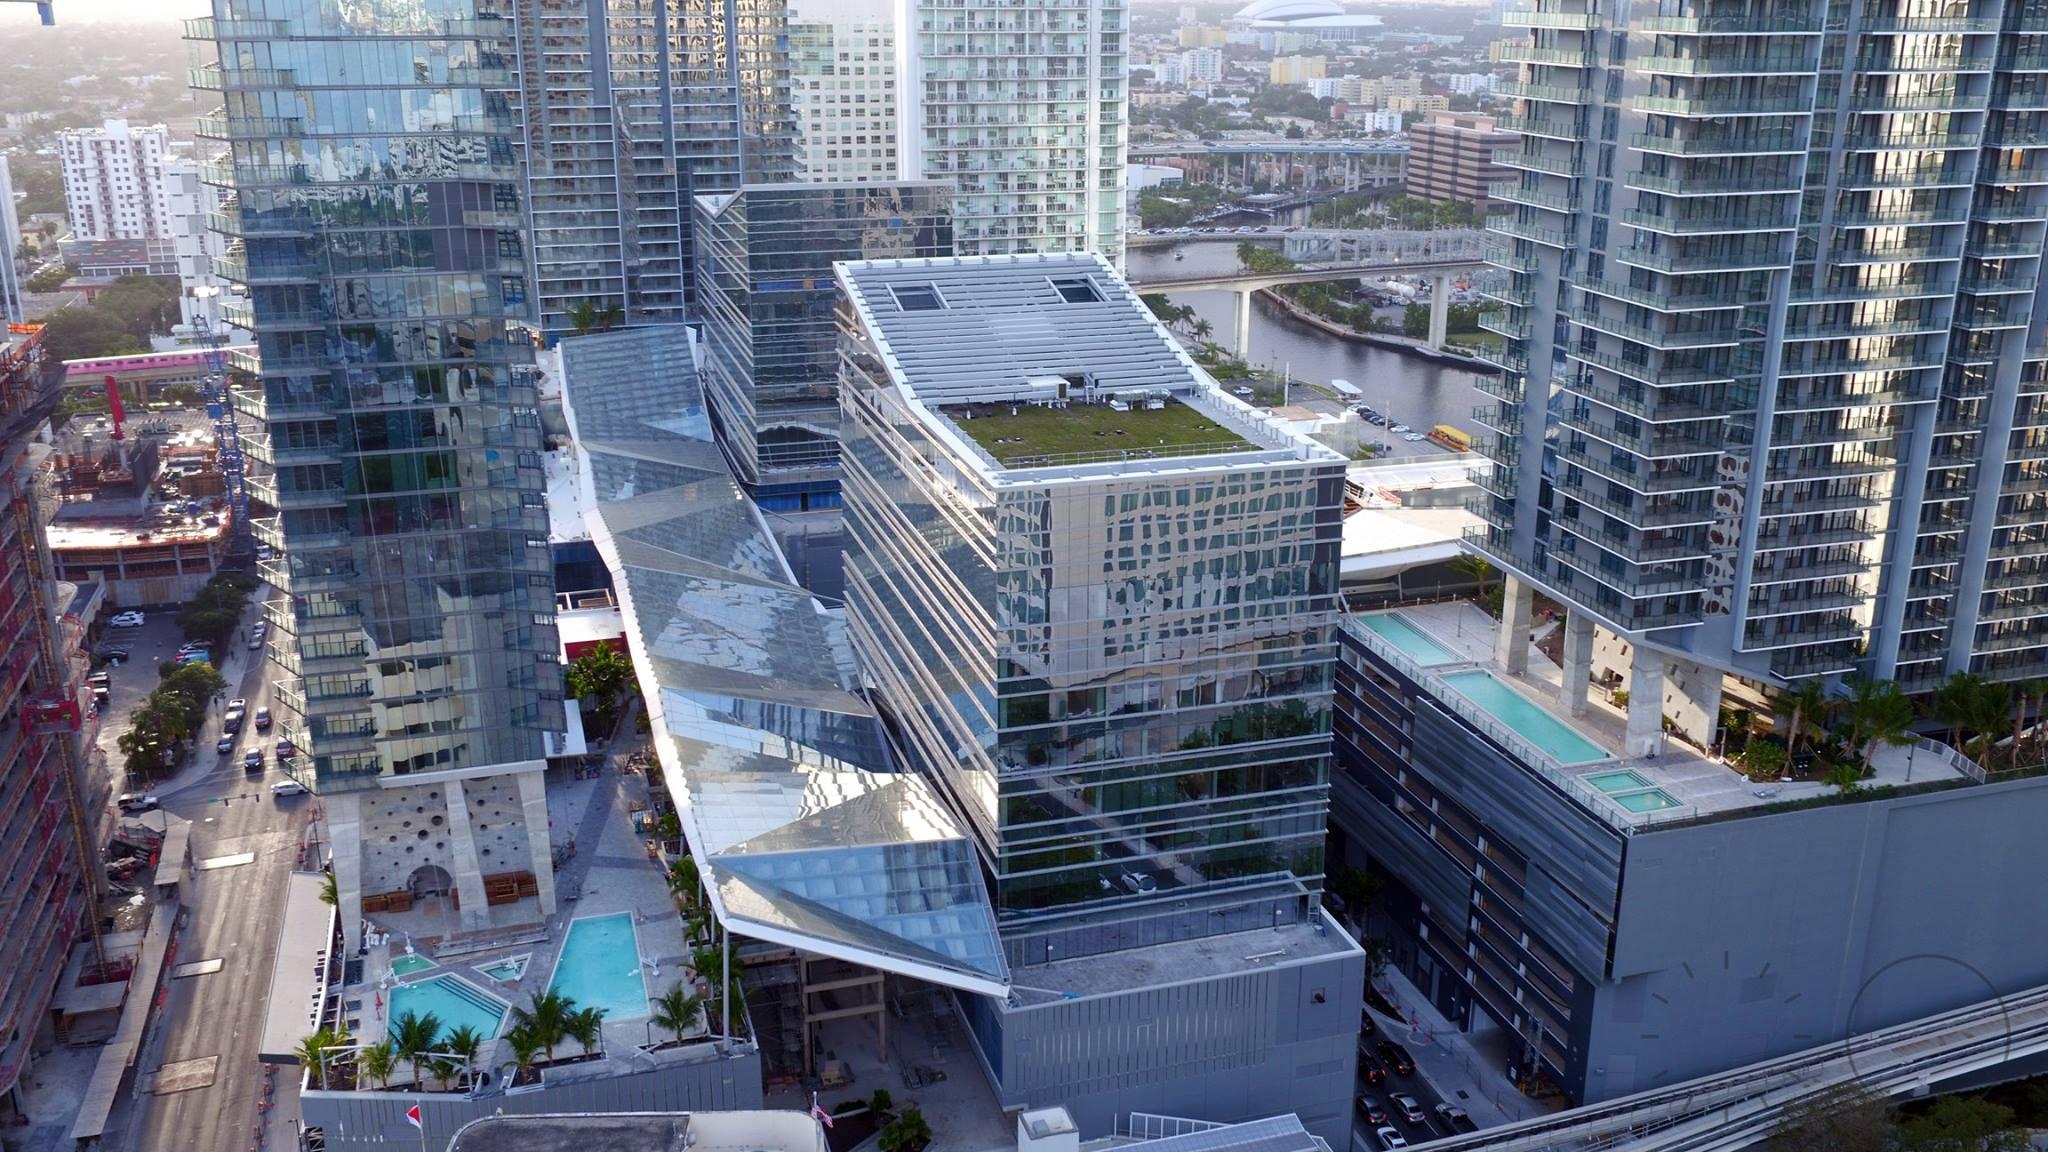 Miami Central